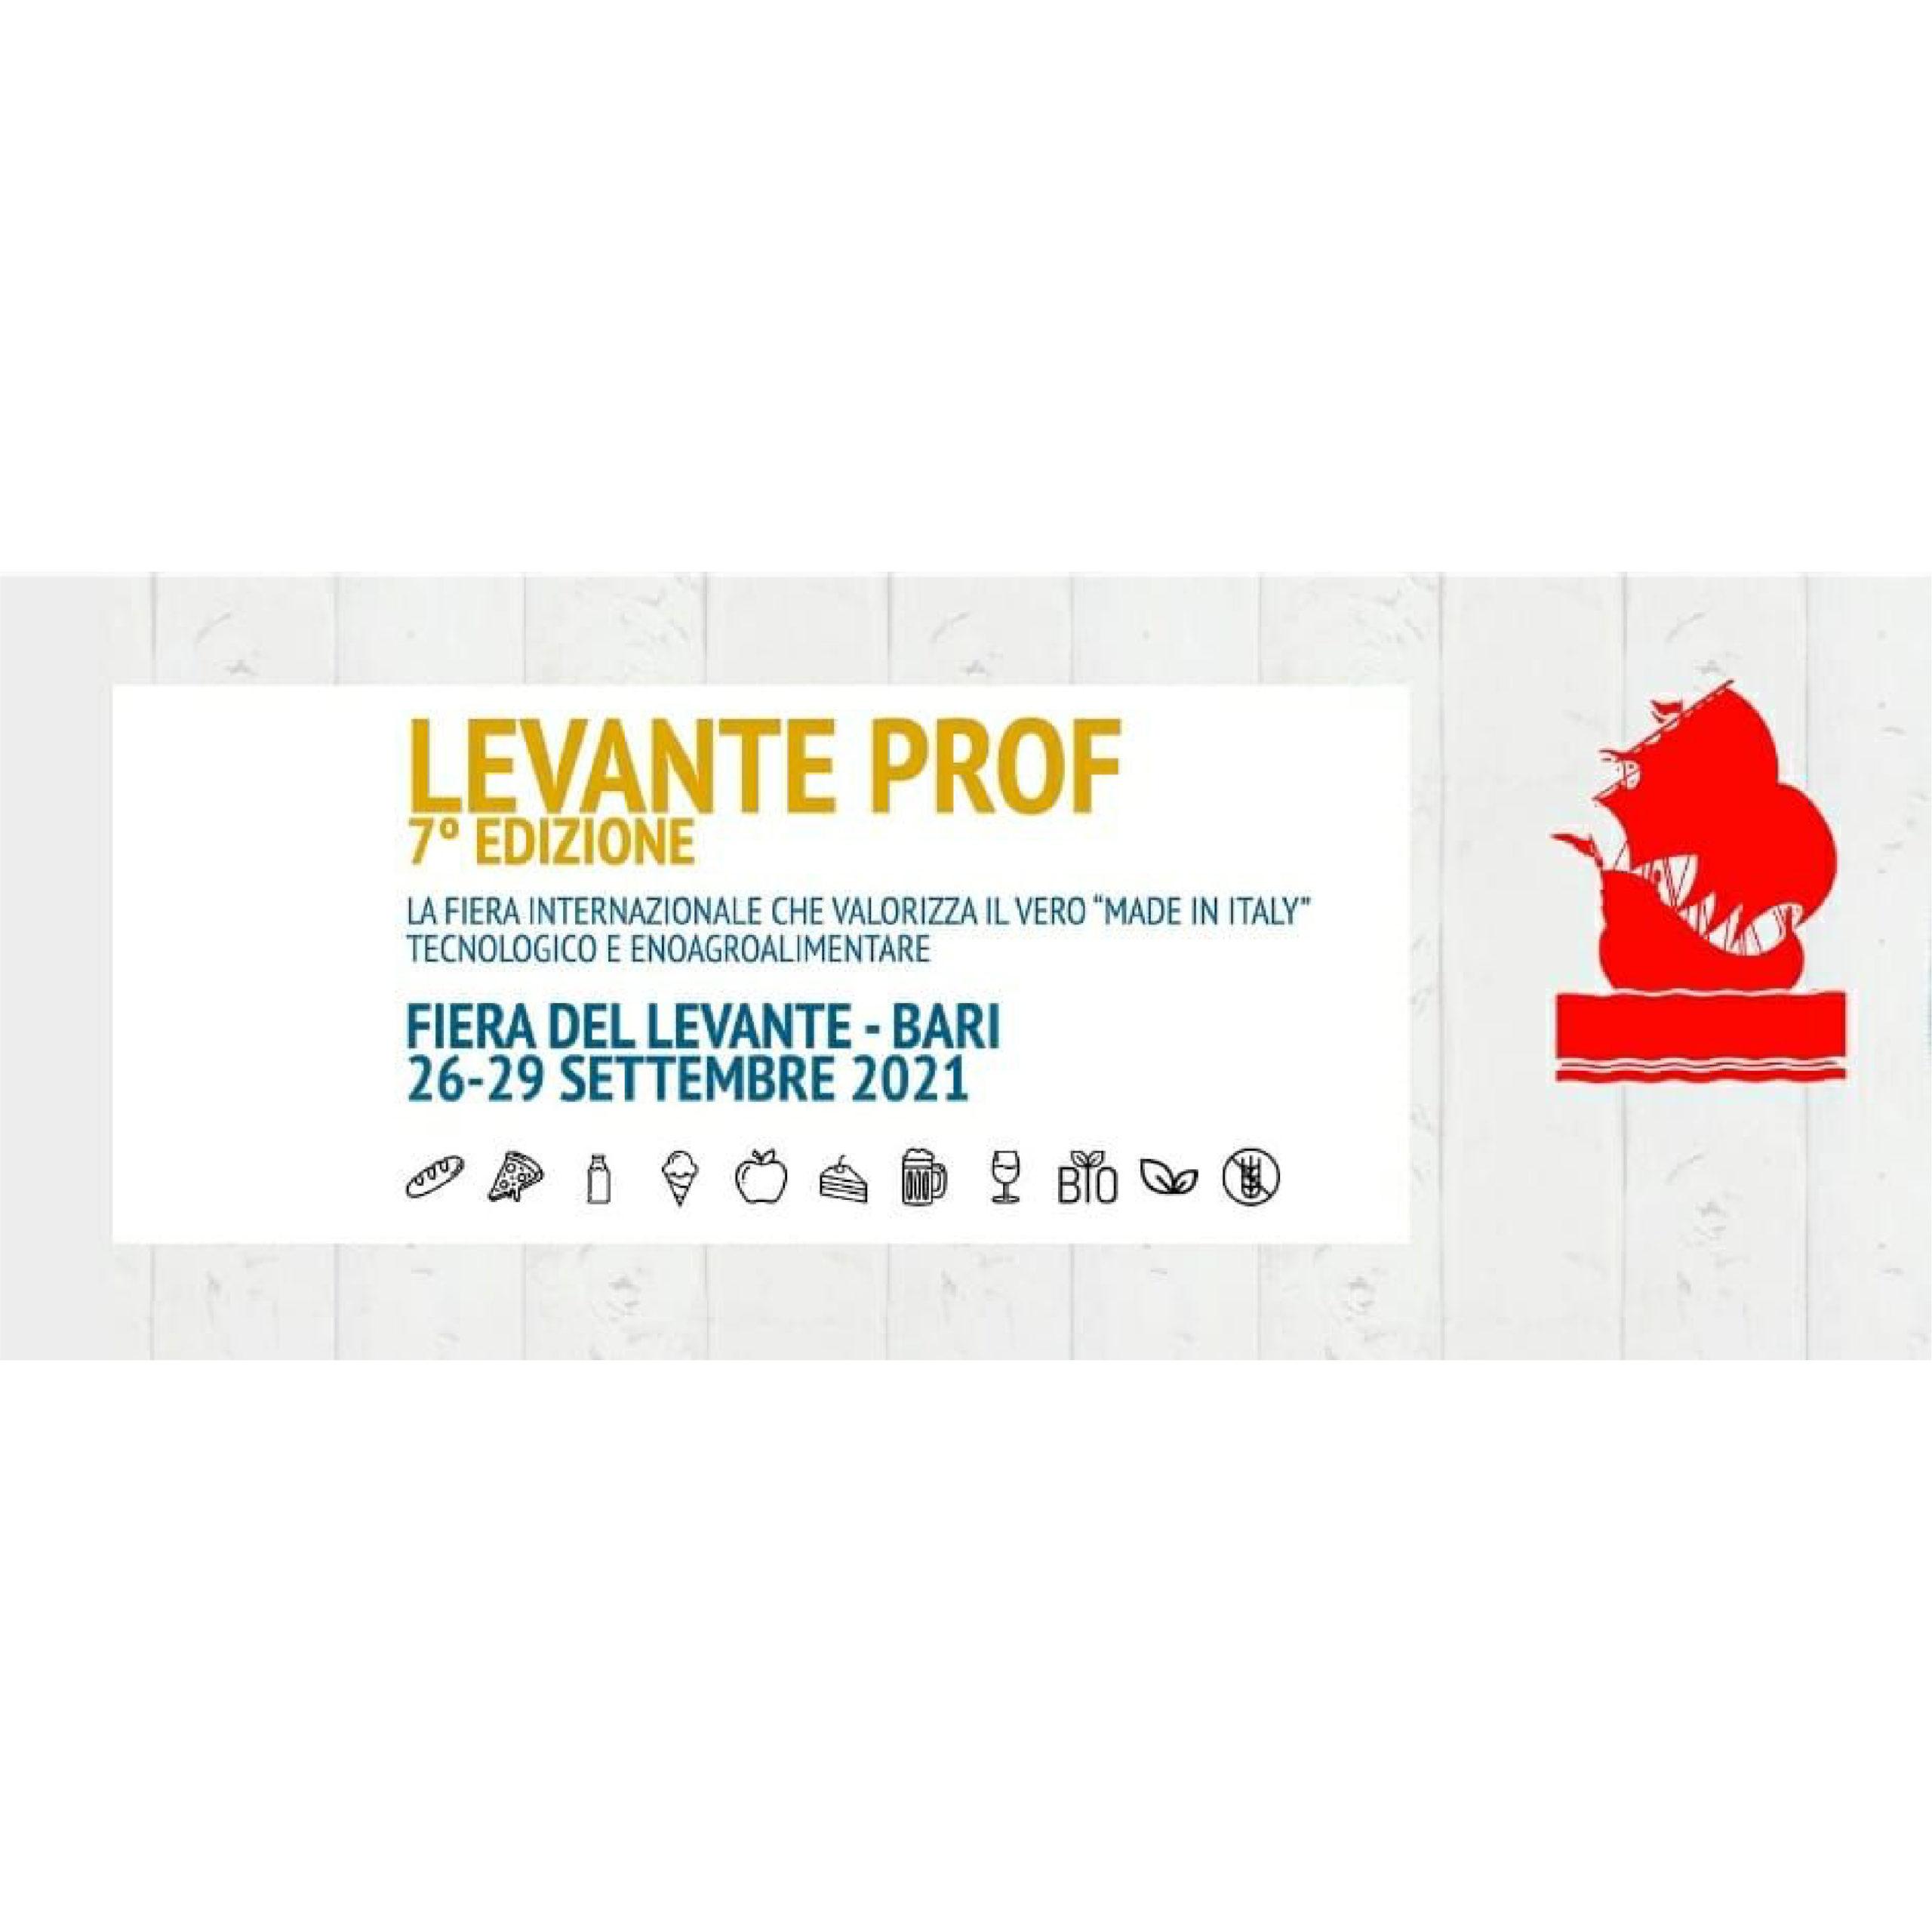 Levante Prof